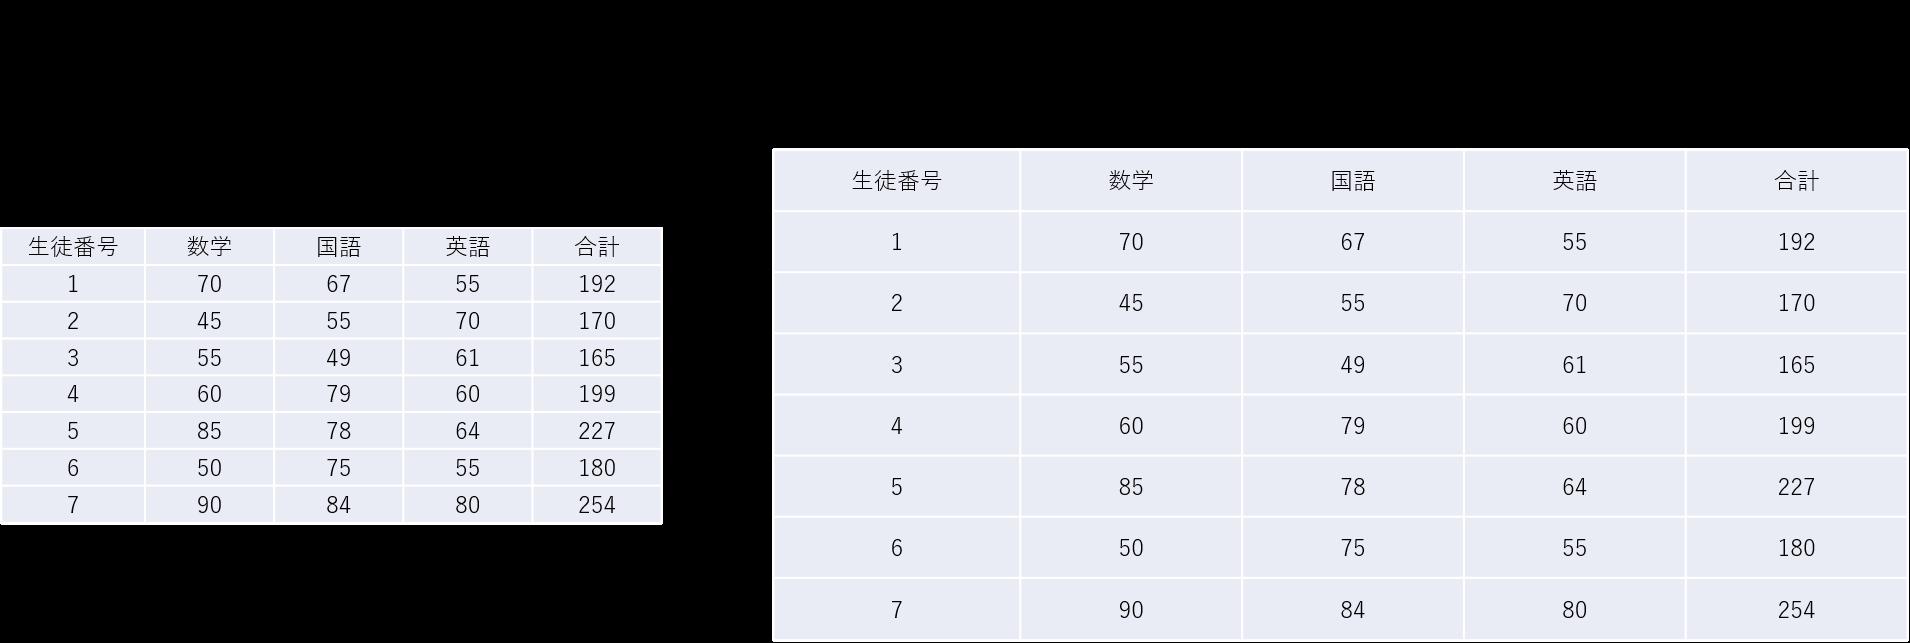 エクセルの表を貼り付け先のスタイルを使用して貼り付けた場合